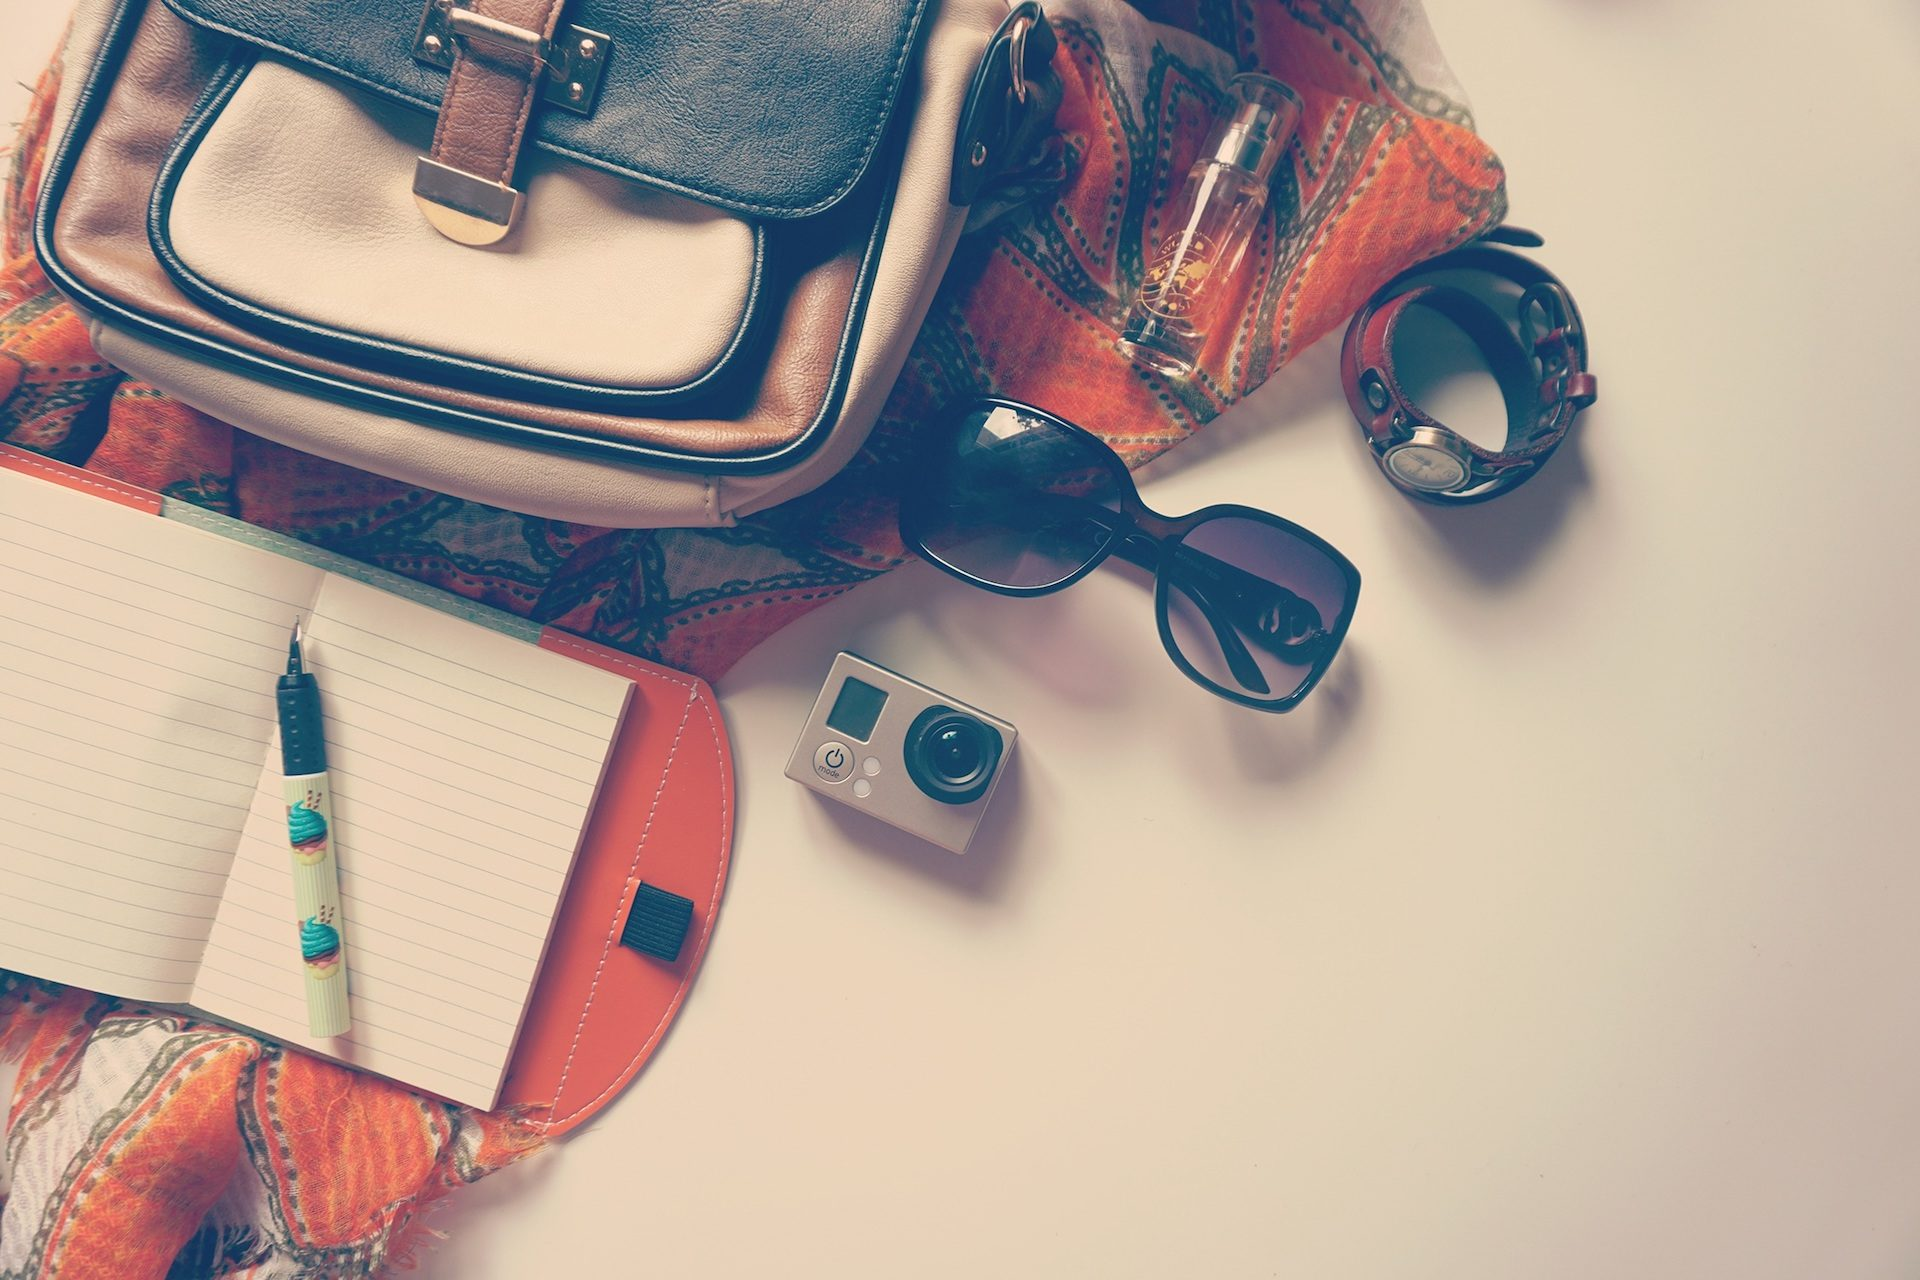 ポケット, サングラス, 時計, カメラ, ノートブック, ペン, スカーフ - HD の壁紙 - 教授-falken.com